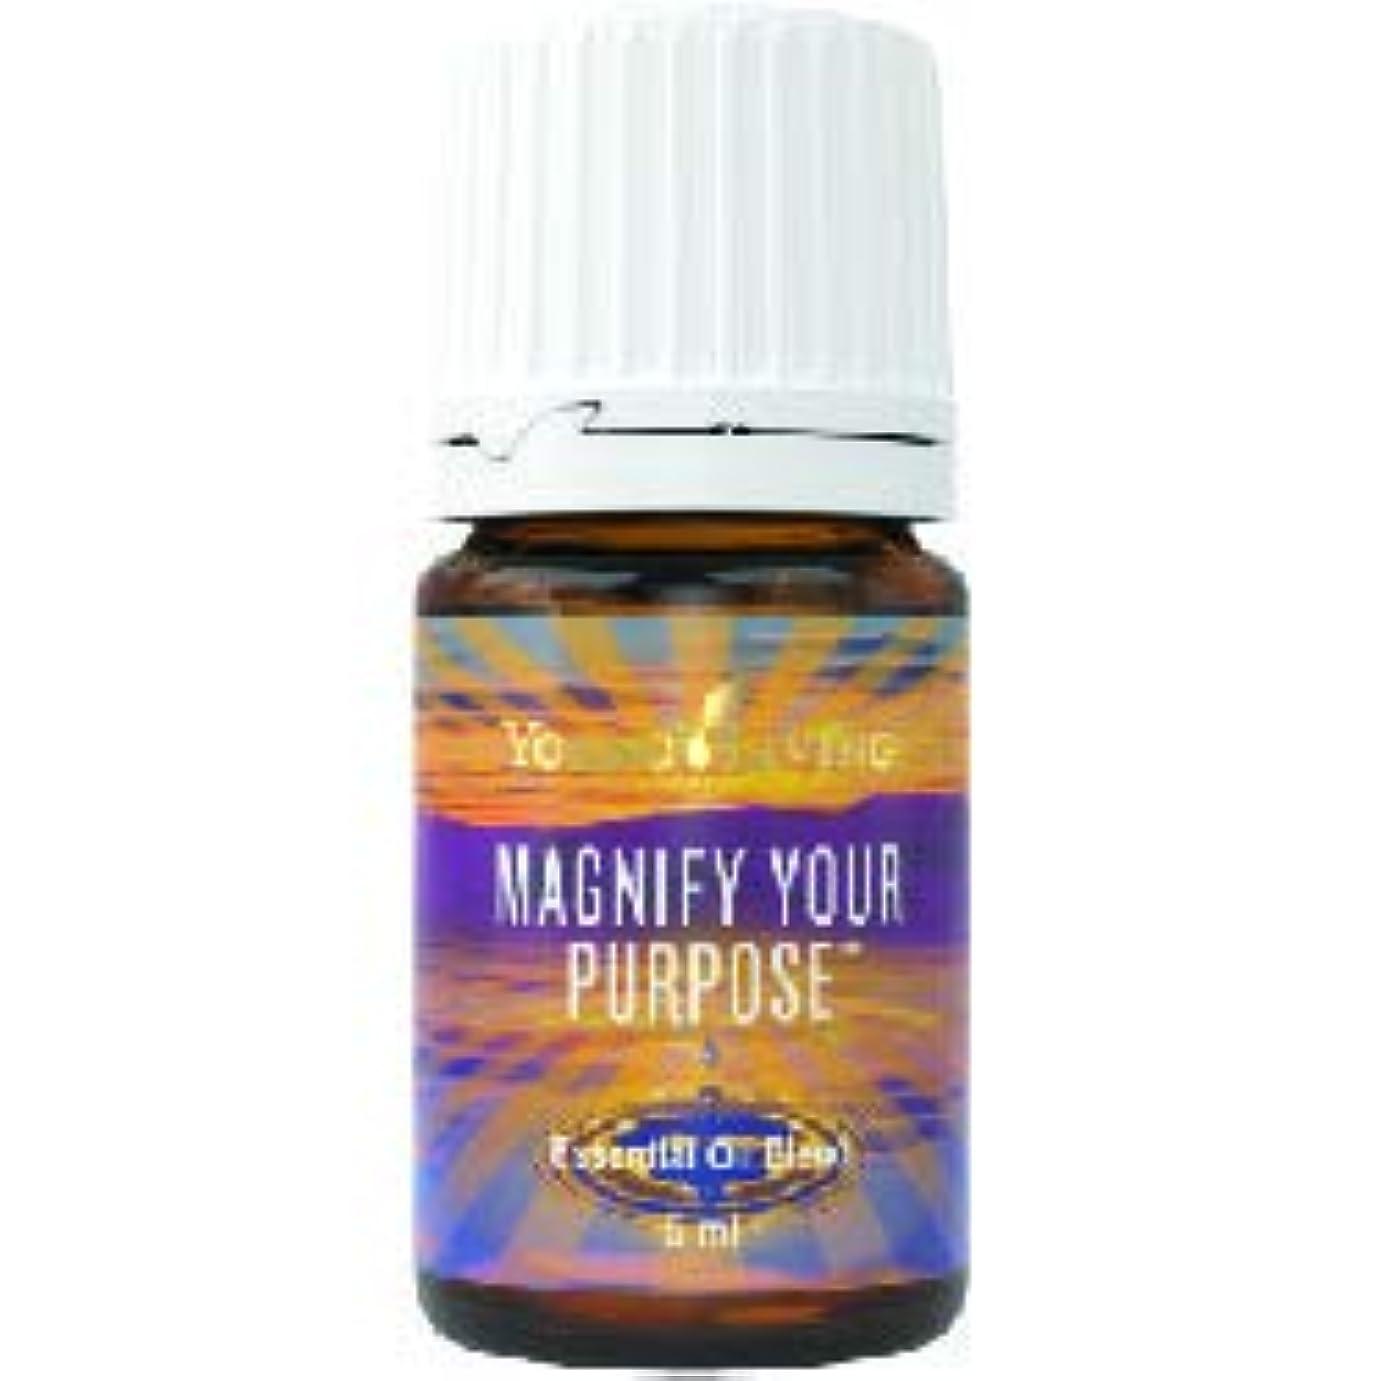 ほこりっぽい平らにする酒目的を拡大するエッセンシャルオイル ヤングリビングエッセンシャルオイルマレーシア5ml Magnify Your Purpose Essential Oil 5ml by Young Living Essential Oil...